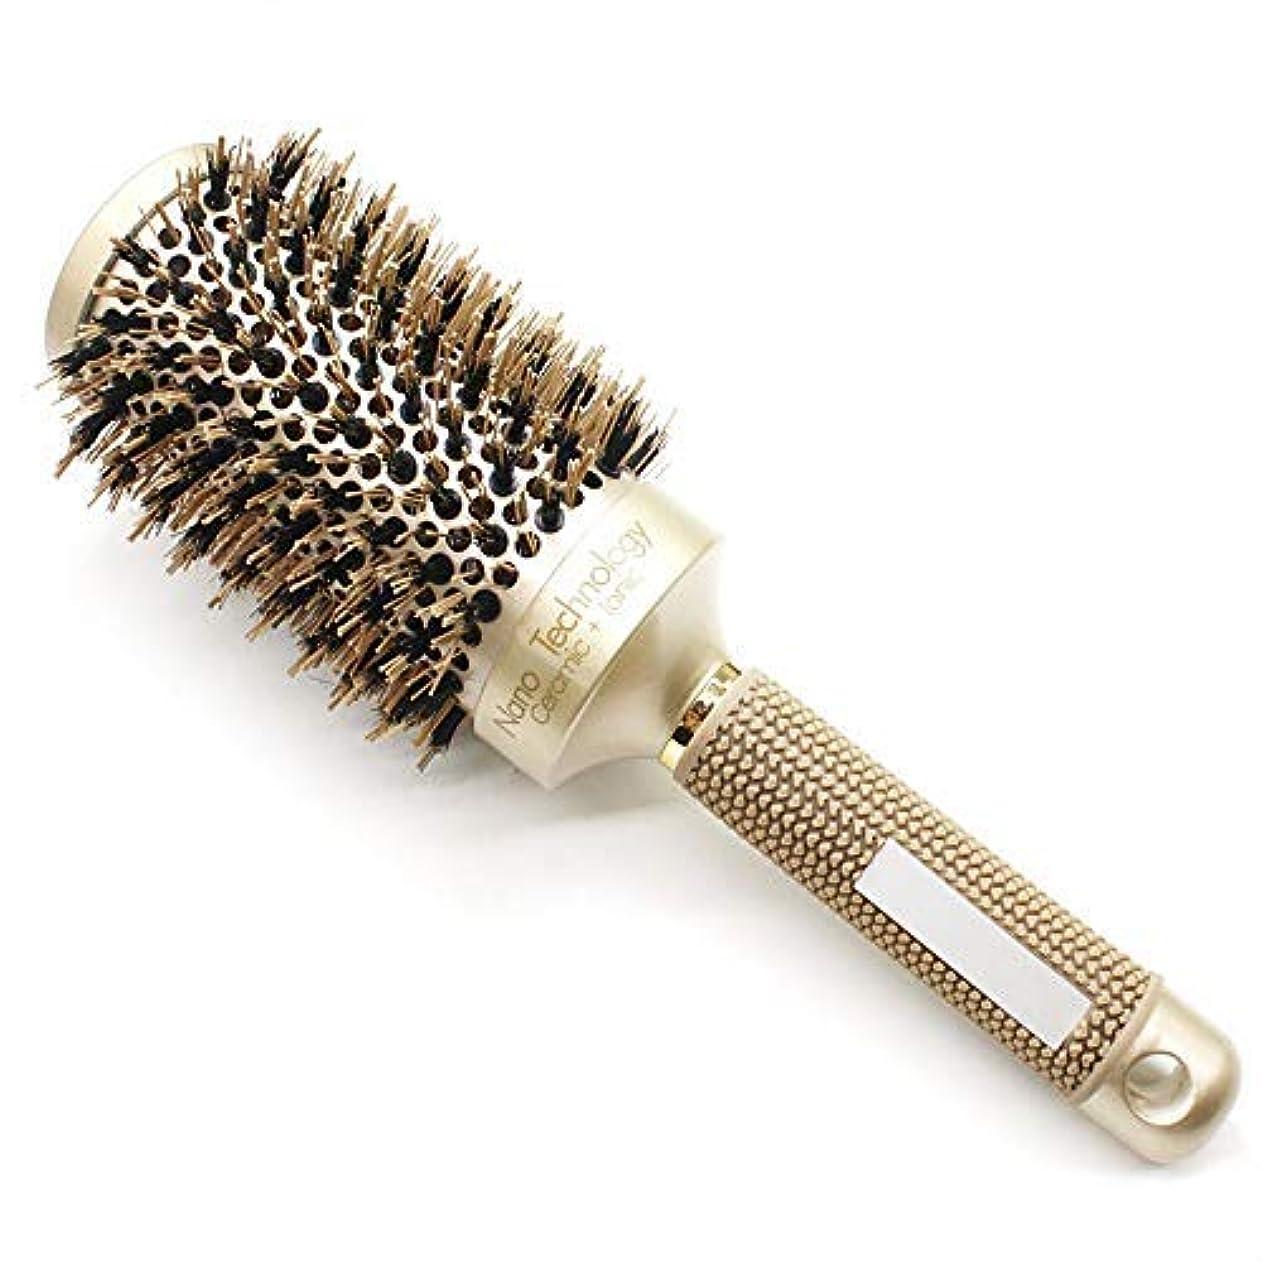 海藻インディカバングラデシュBeautyMore Nano Thermal Ceramic & Ionic Round Barrel Anti-Static Hair Brush with Boar Bristle, for Hair Drying...